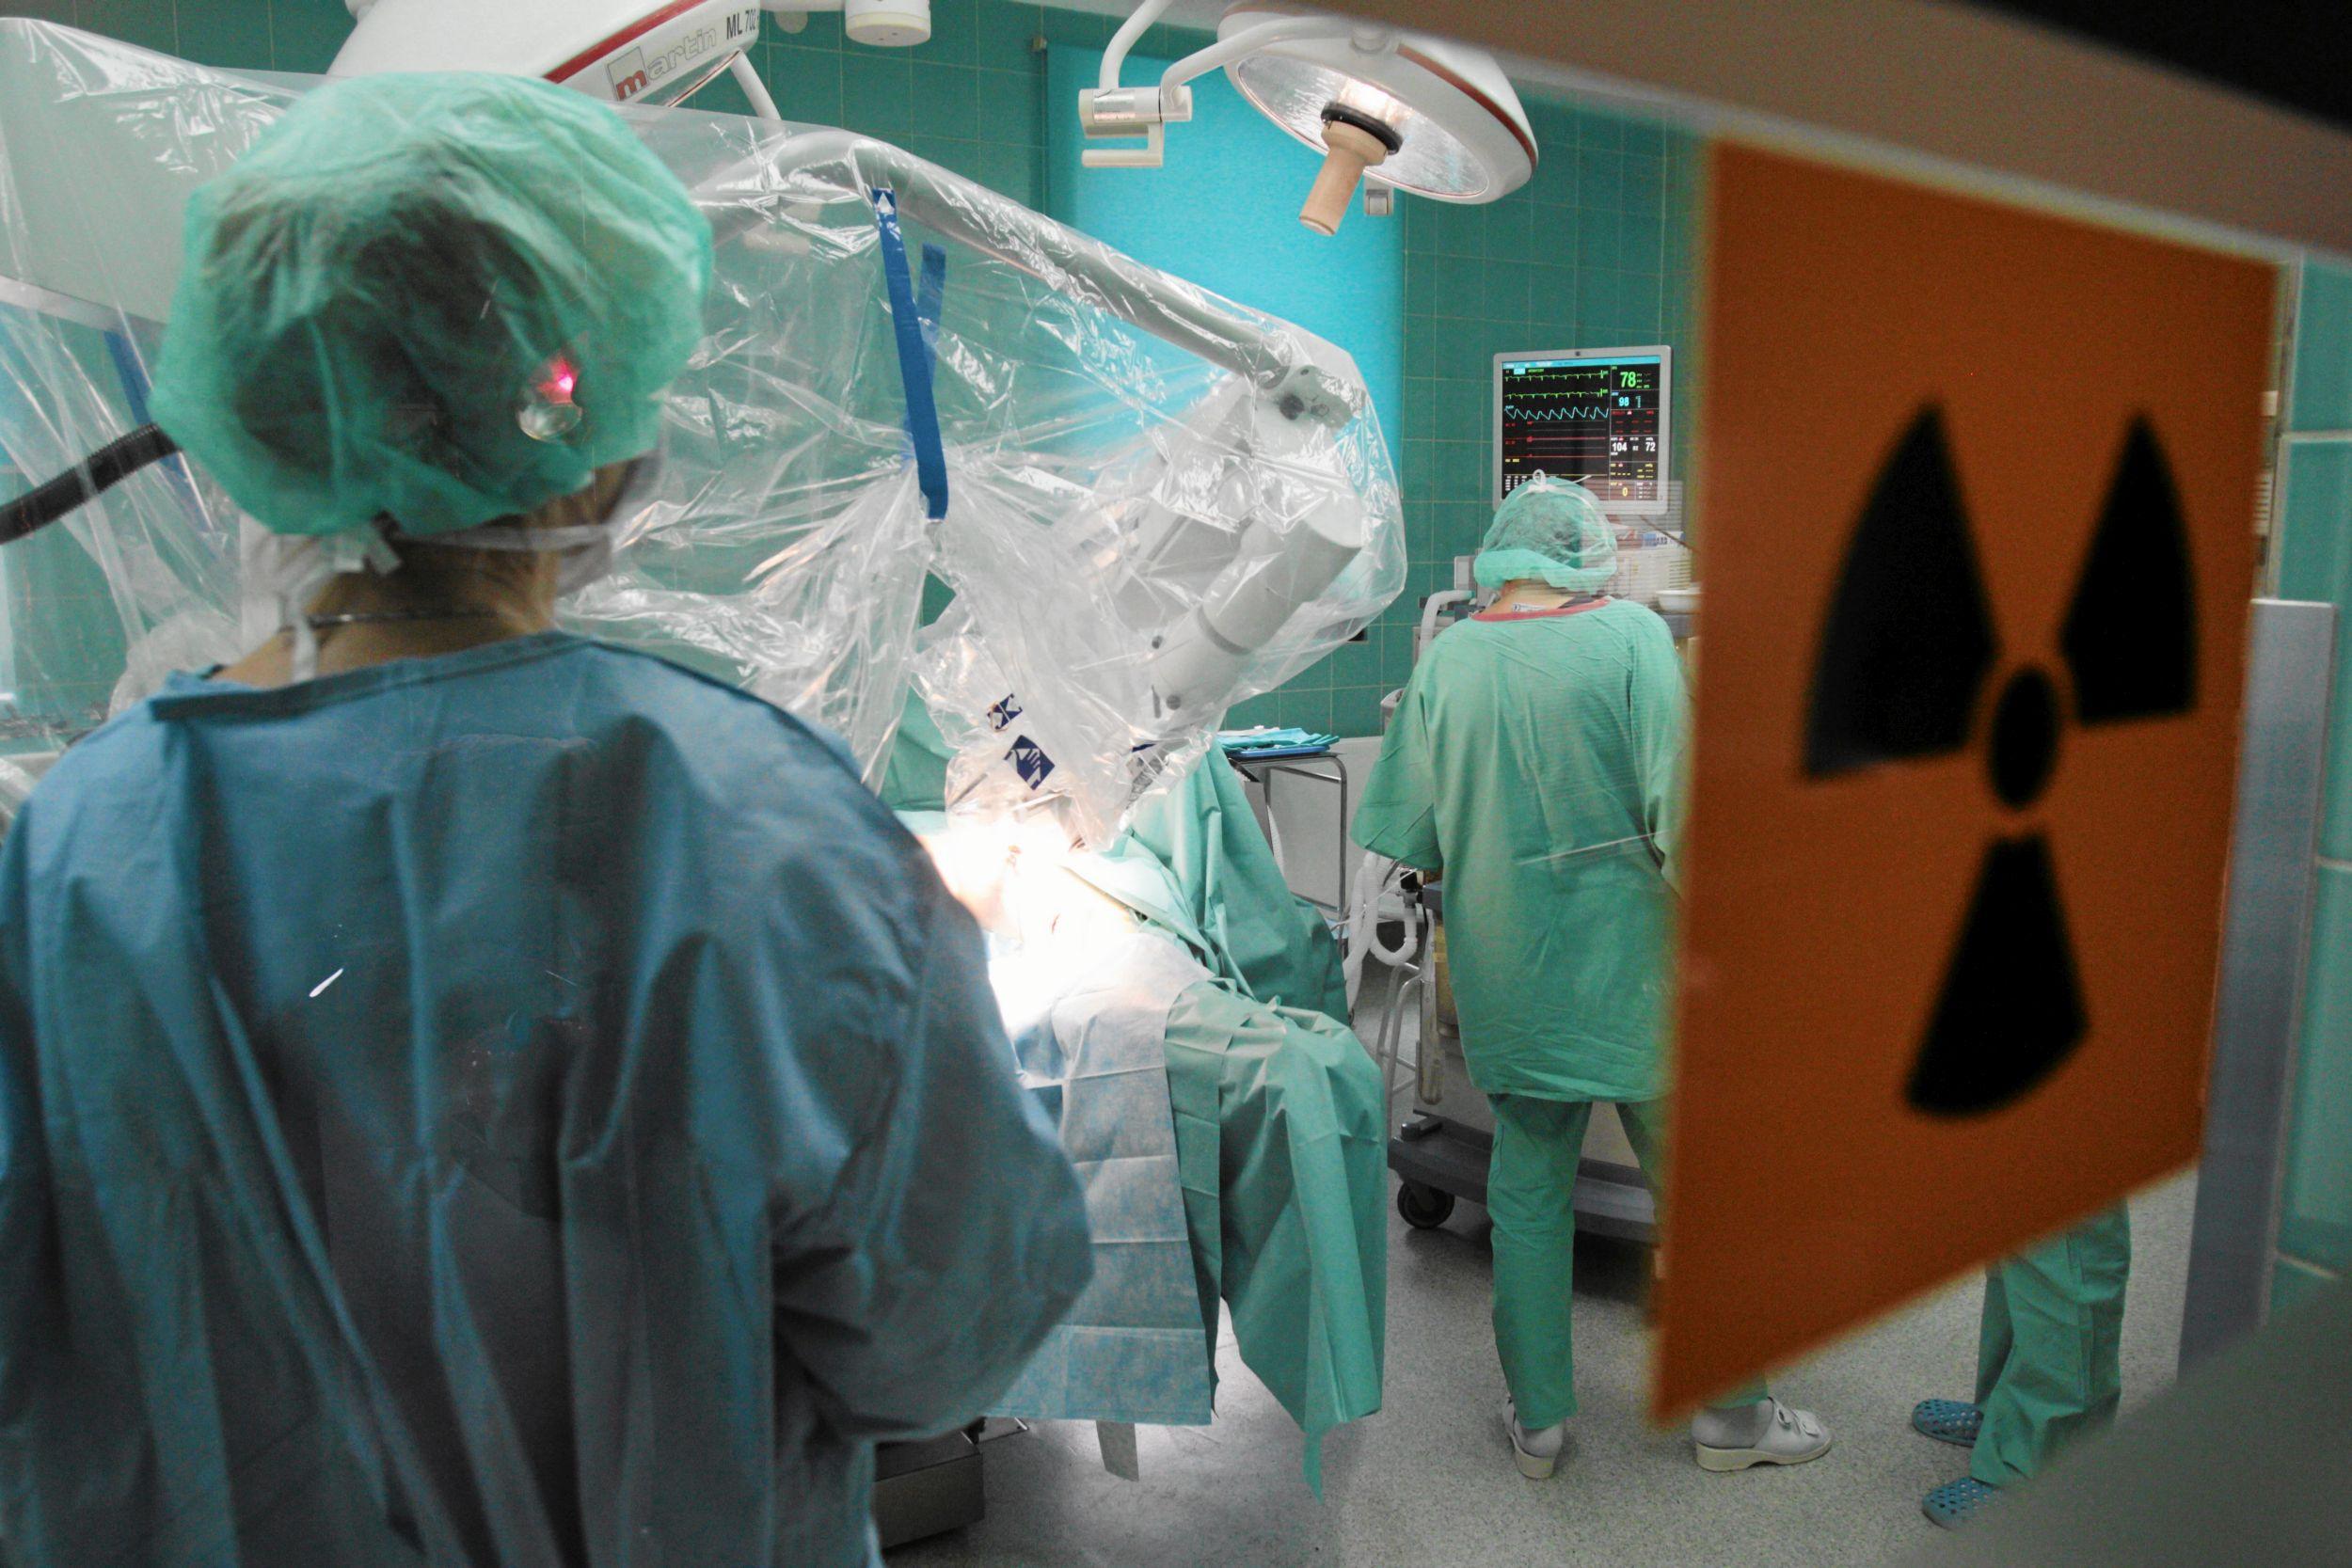 Polscy lekarze wiedzą, że są terapie, które mogą ich pacjentom uratować życie, ale NFZ ich nie refunduje. Prawdopodobnie z tego powodu tylko 14 procent z nich mówi chorym, że jest lek, który może im pomóc, ale nie jest dostępny w Polsce (fot. Jakub Orzechowski / Agencja Gazeta)